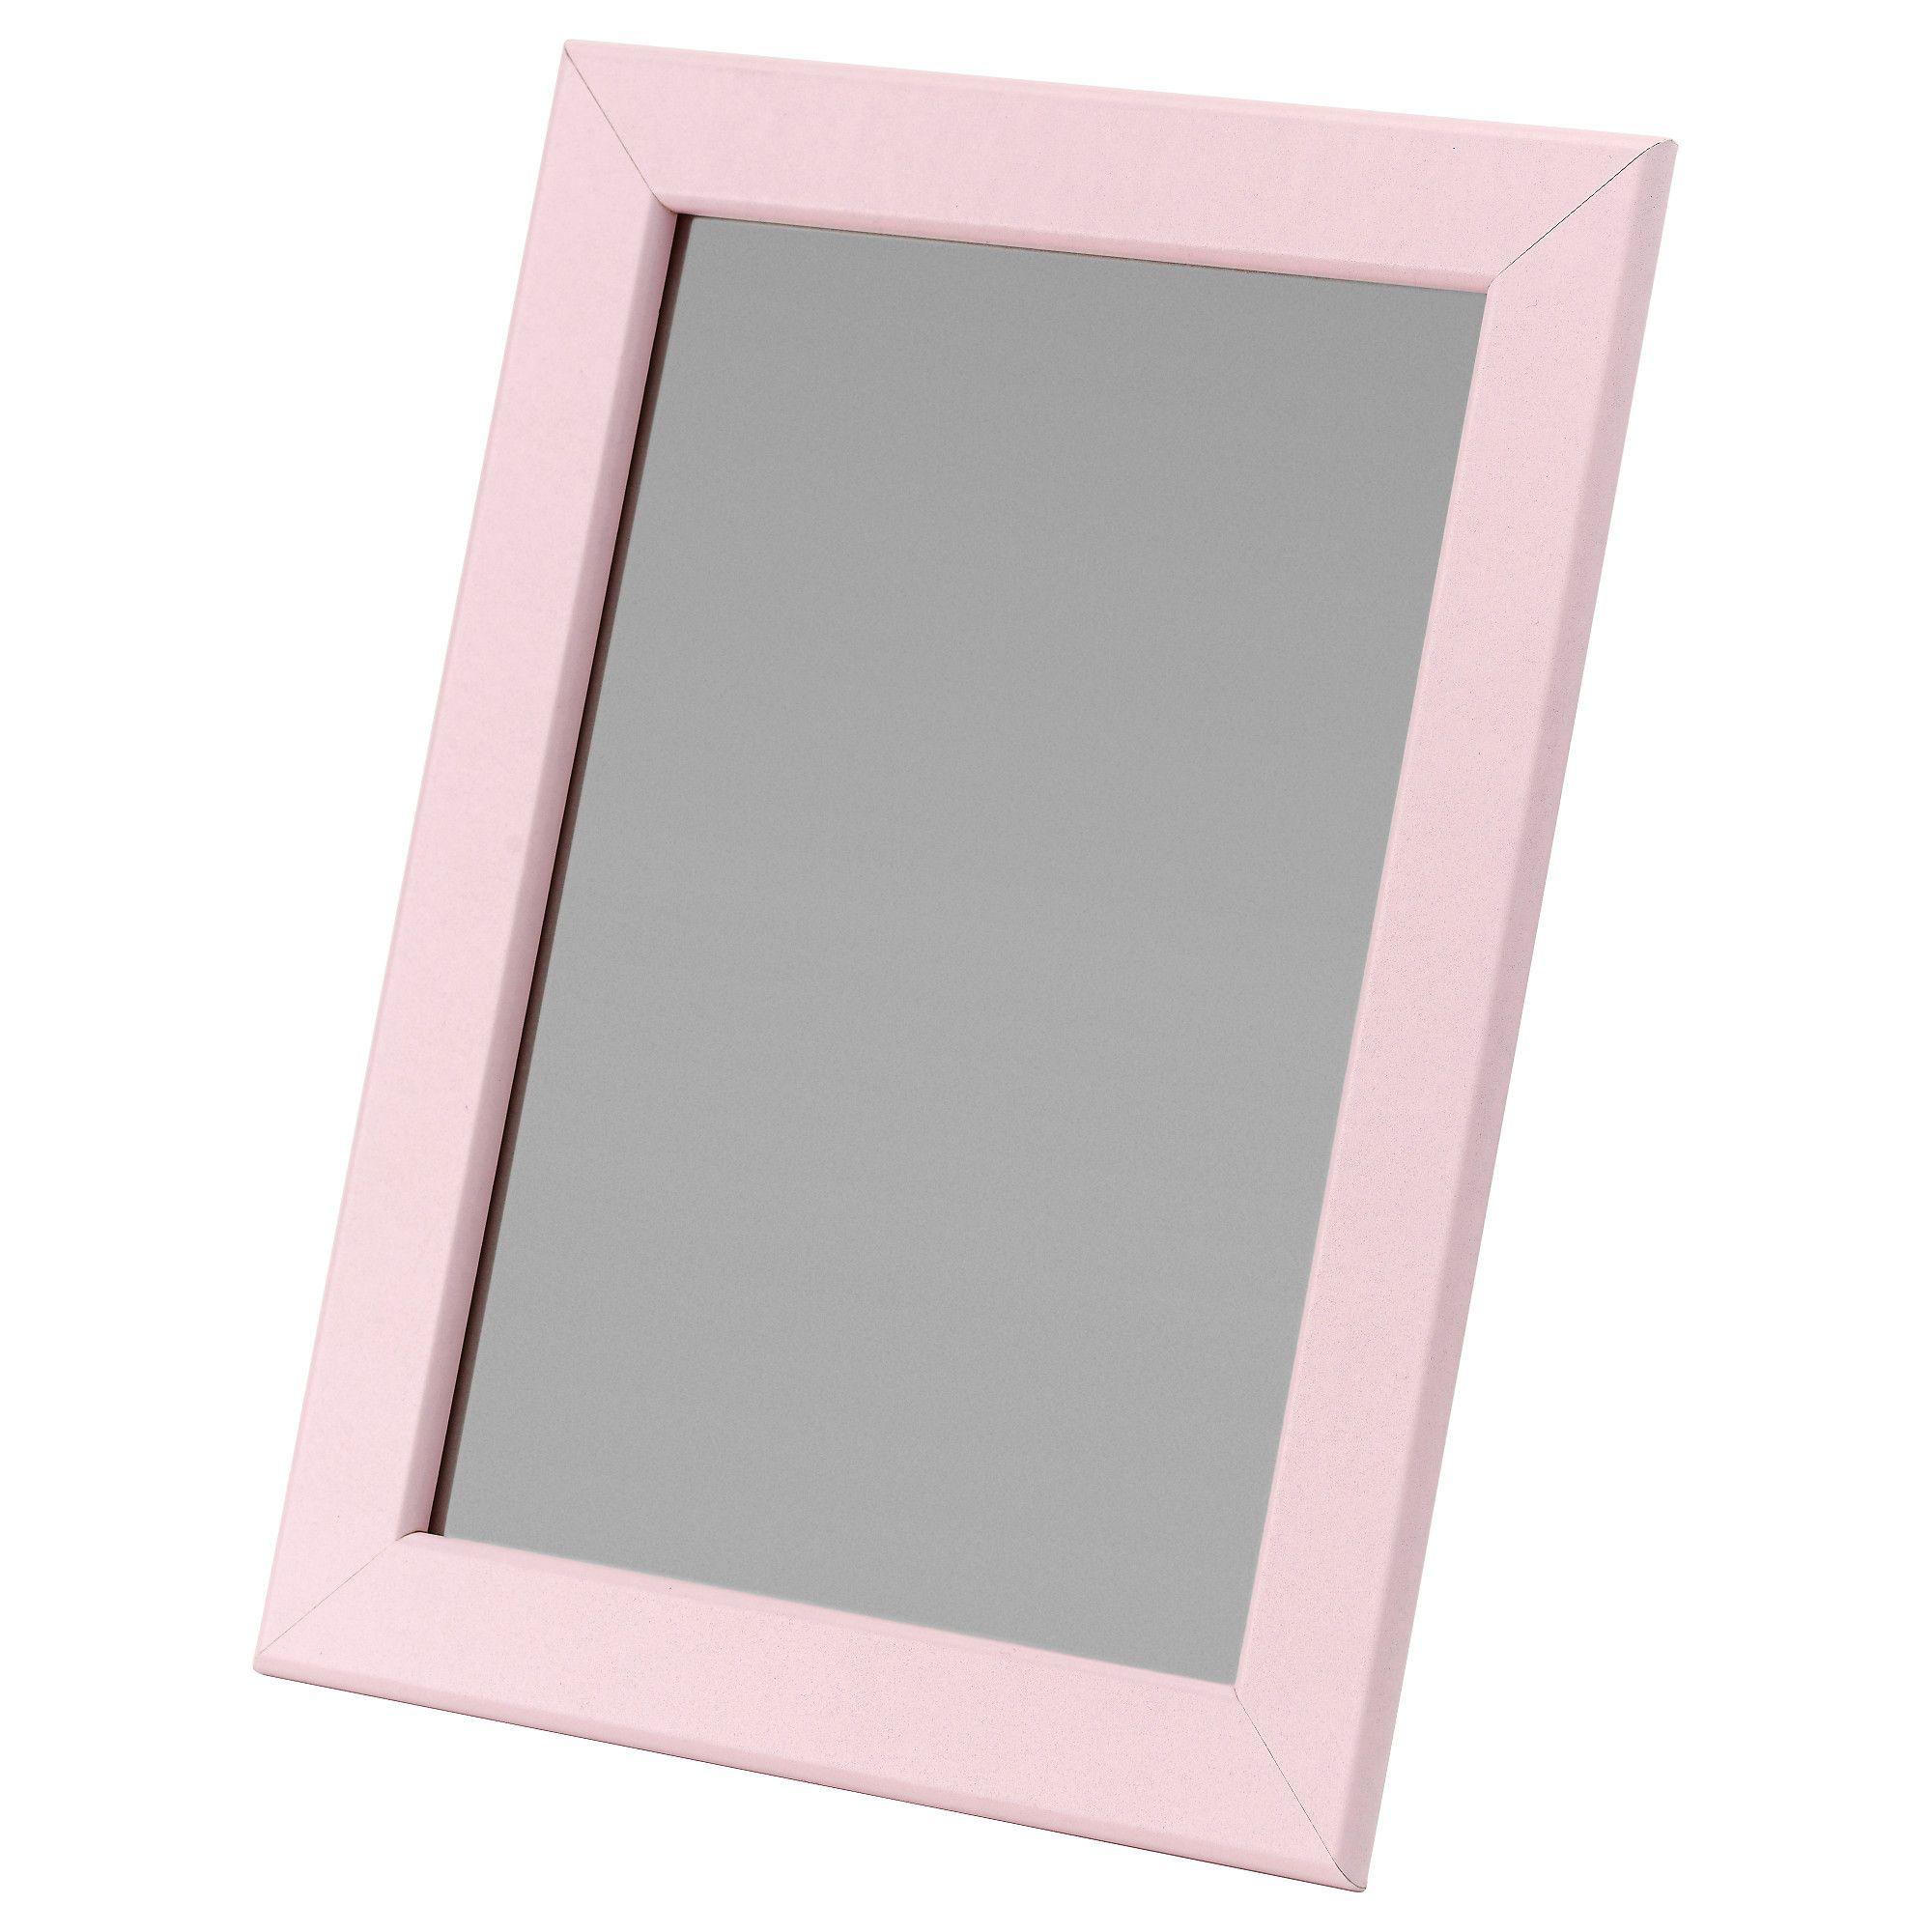 FISKBO, Rahmen, rosa Jetzt bestellen unter: https://moebel ...